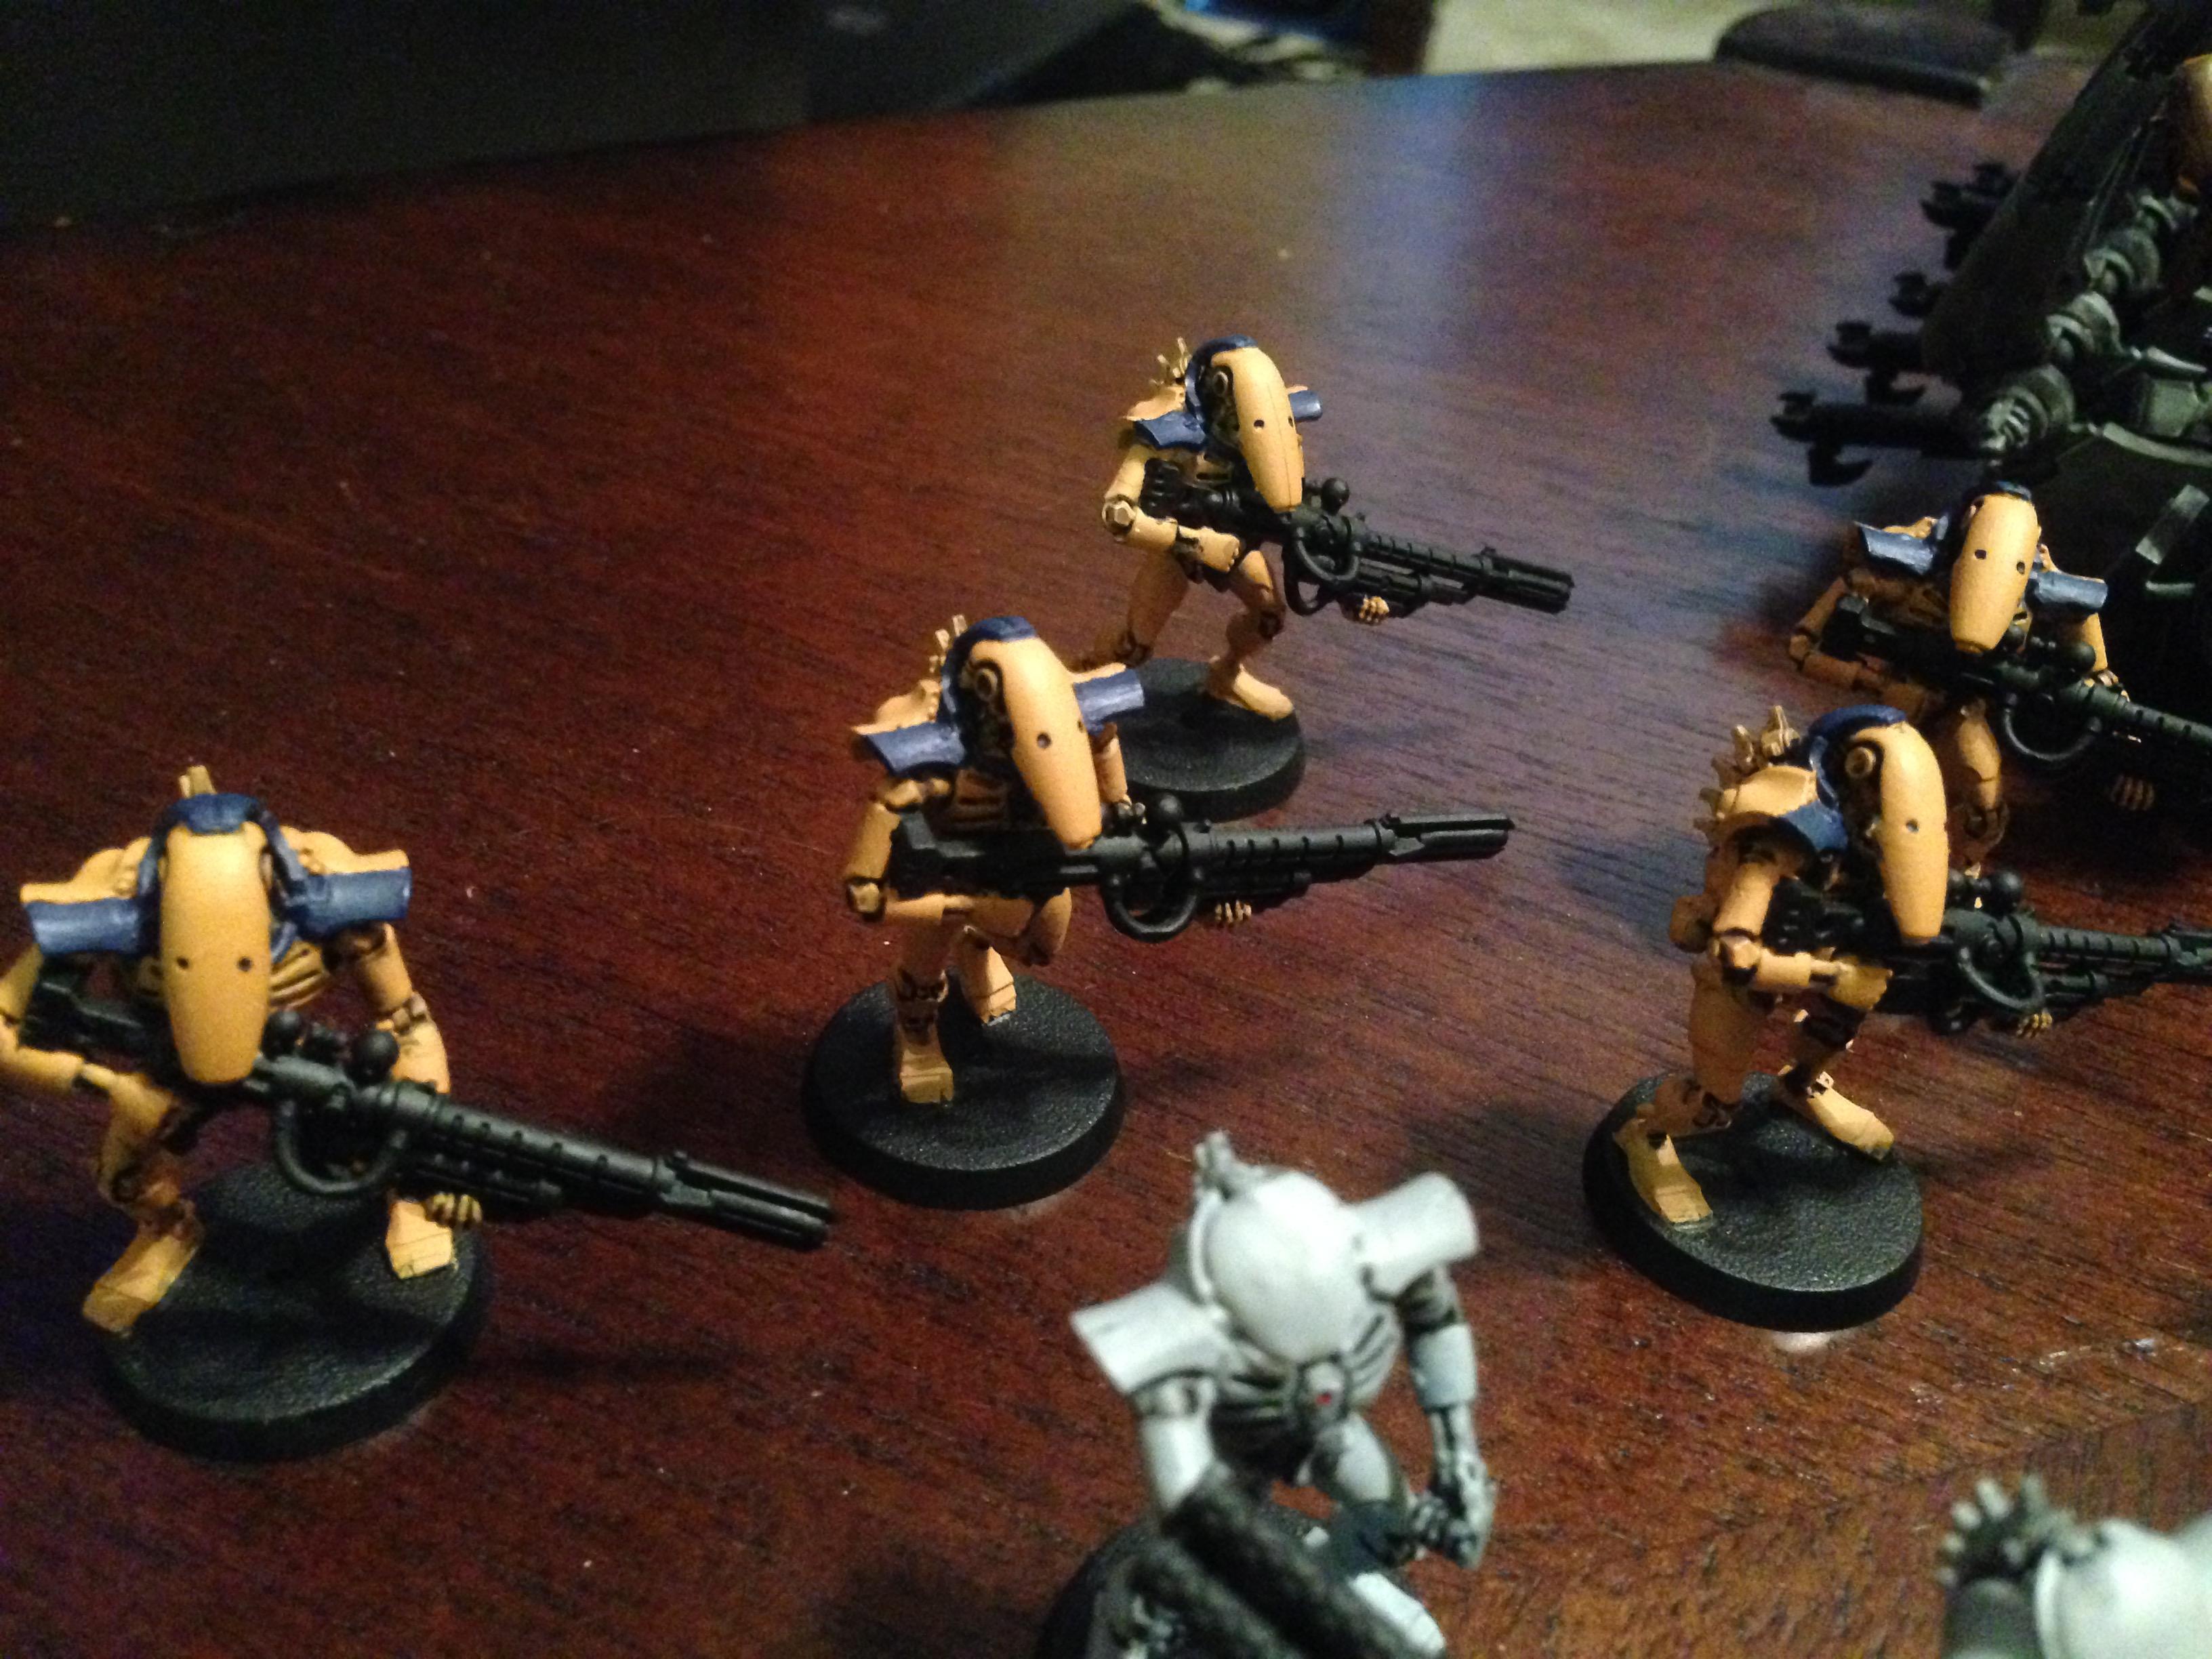 Sniper Battle Droids